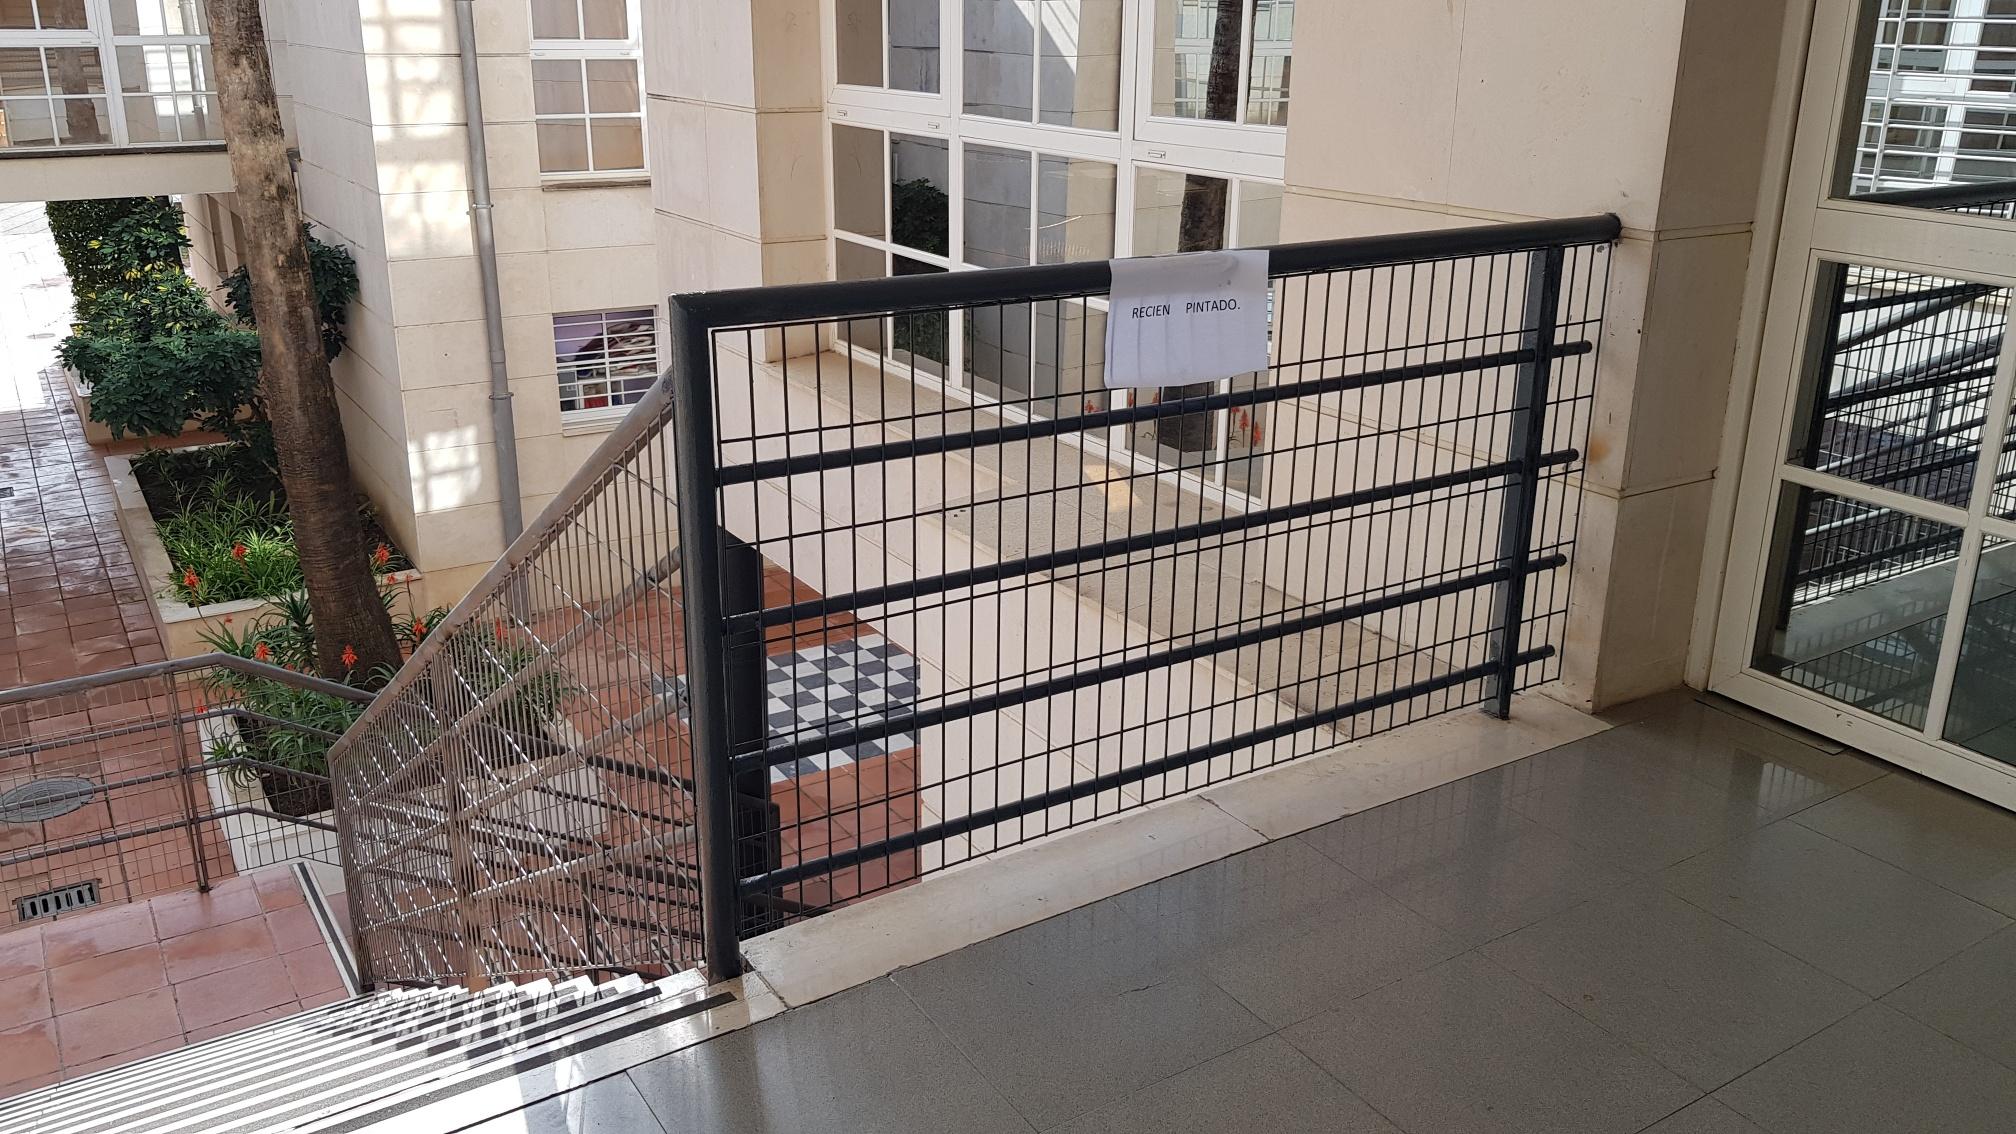 El club modifica la barandilla de la escalera para garantizar la seguridad de los más pequeños.